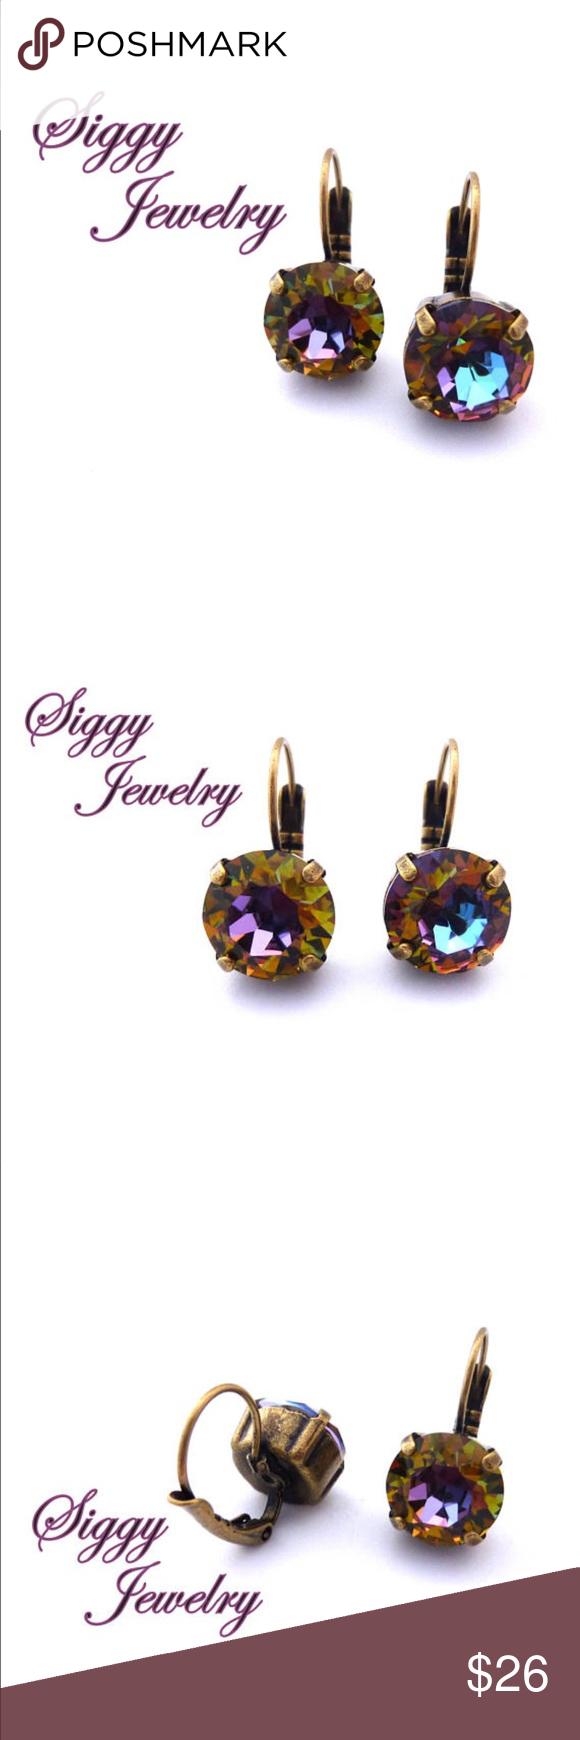 Swarovski Crystal Volcano Earrings in 11mm   Crystal